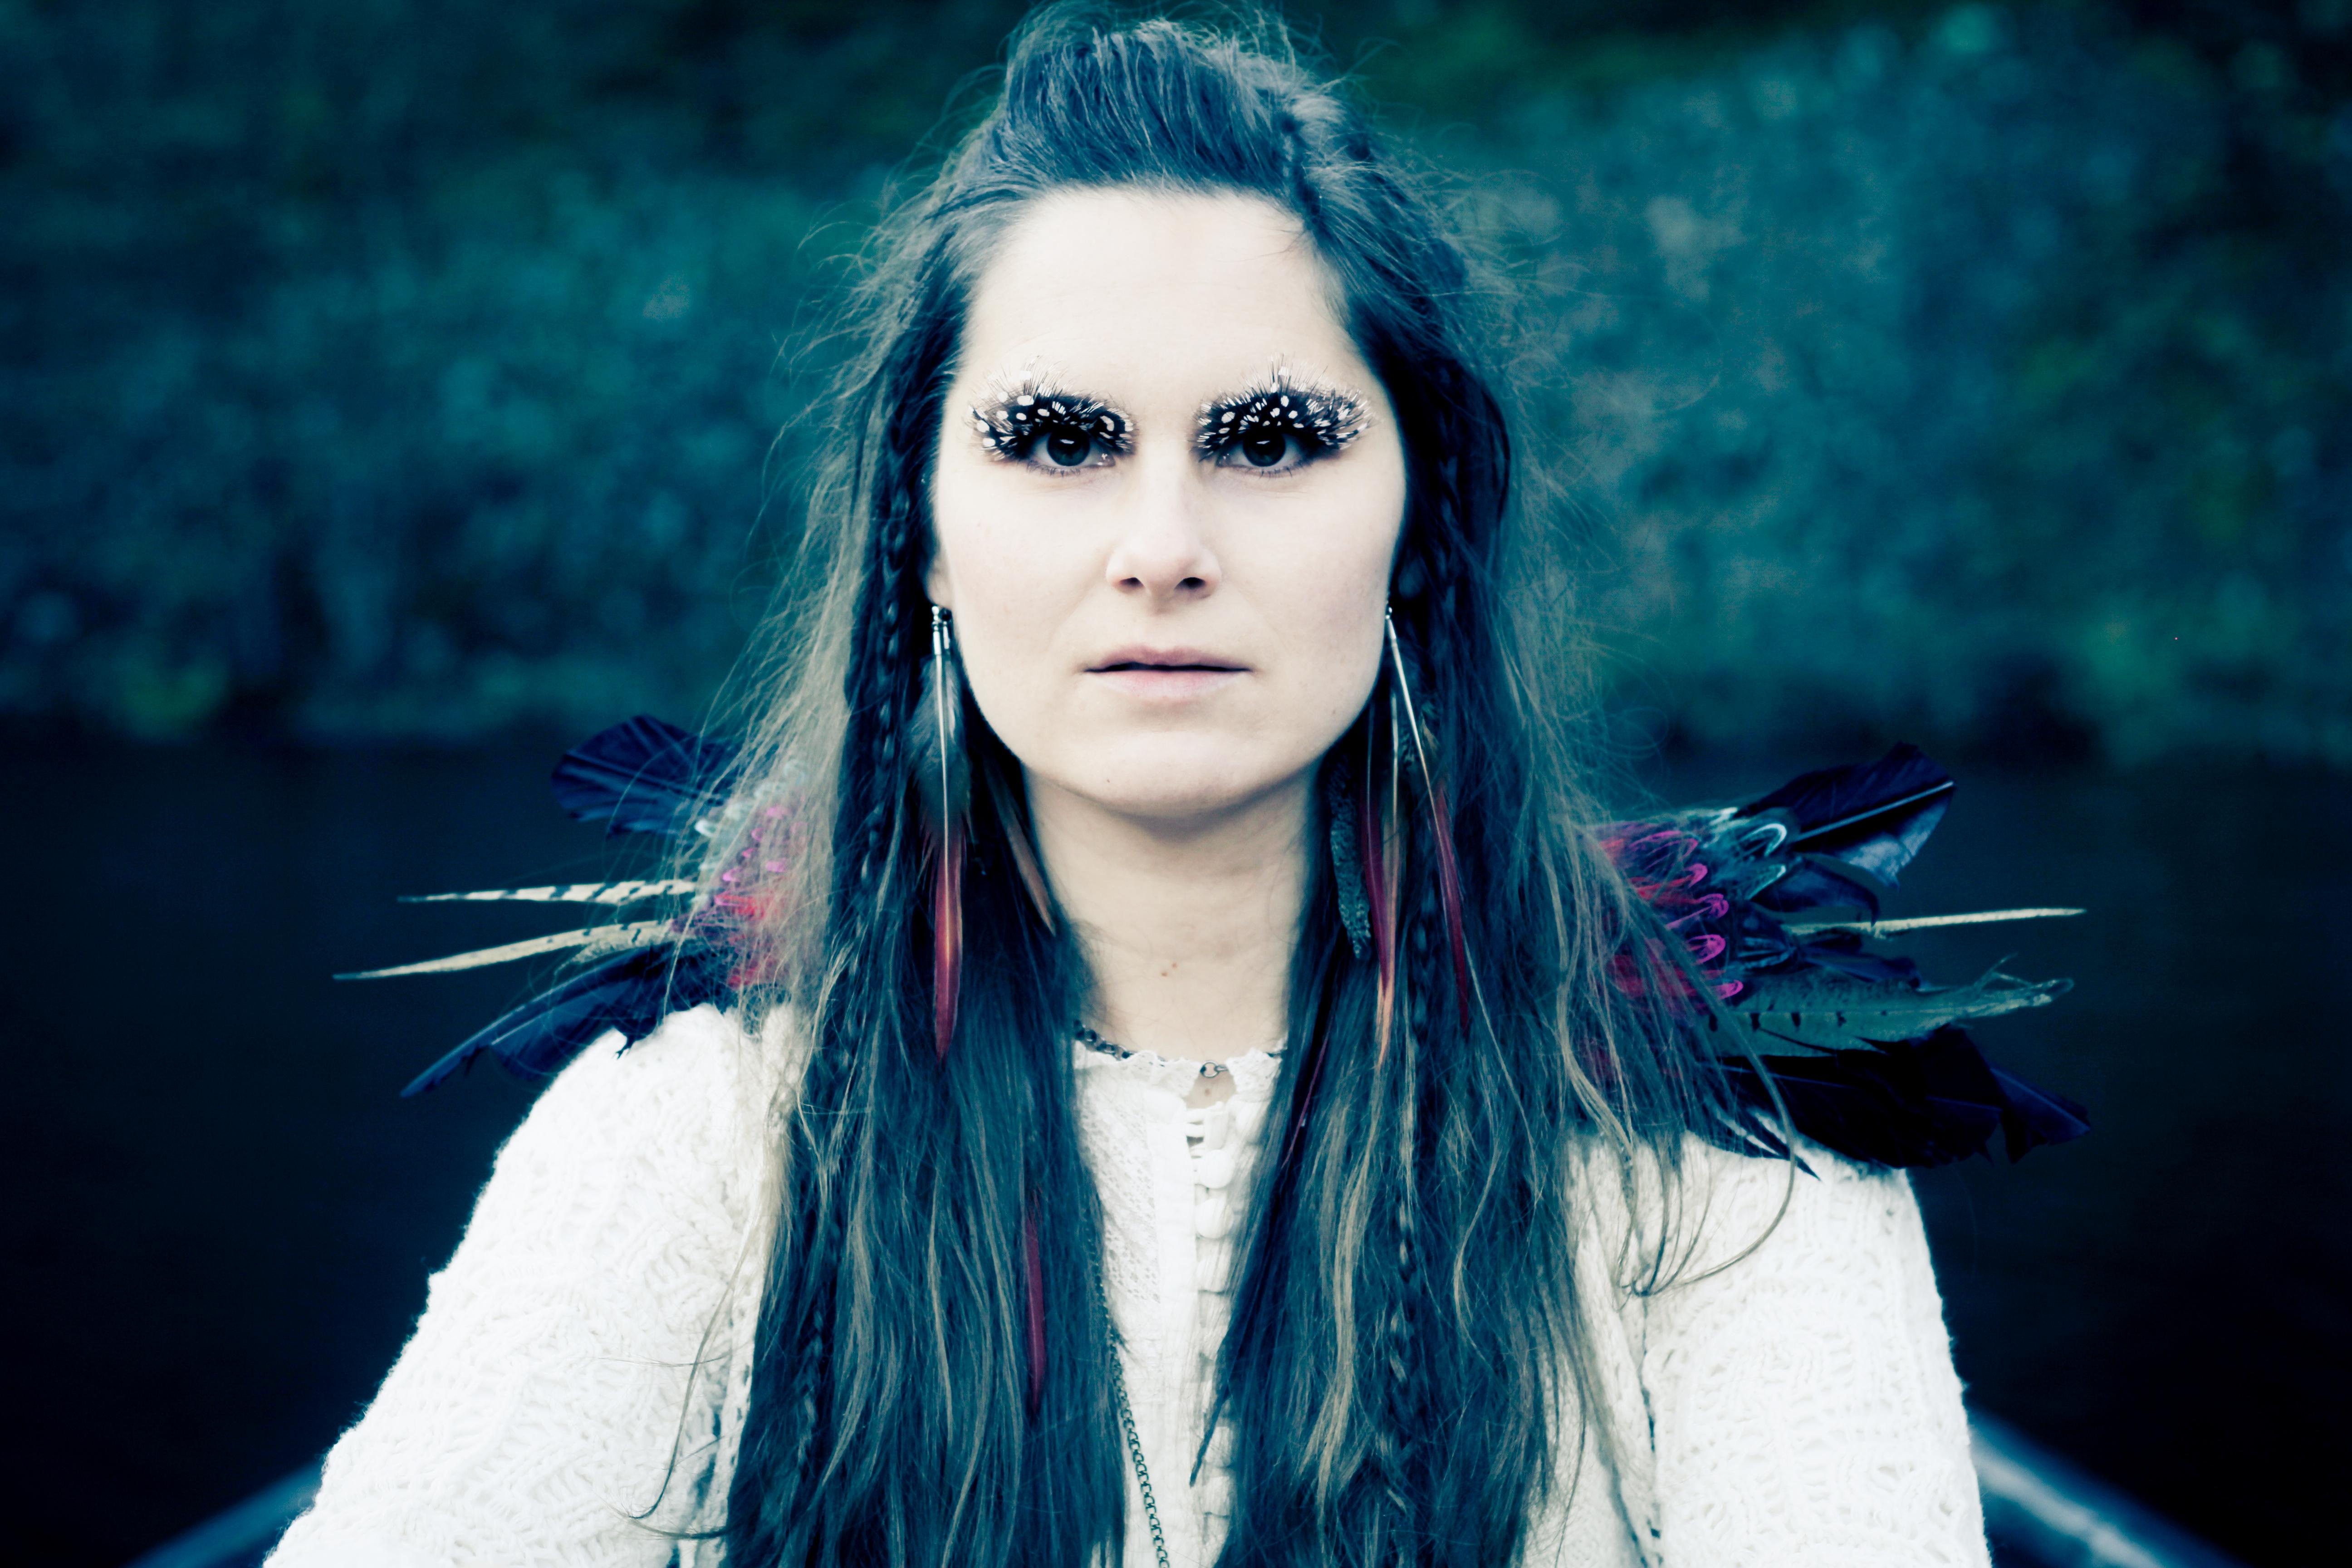 Jenny Nilsson i Cure-a-Phobia ur musikvideon Nattfjäril